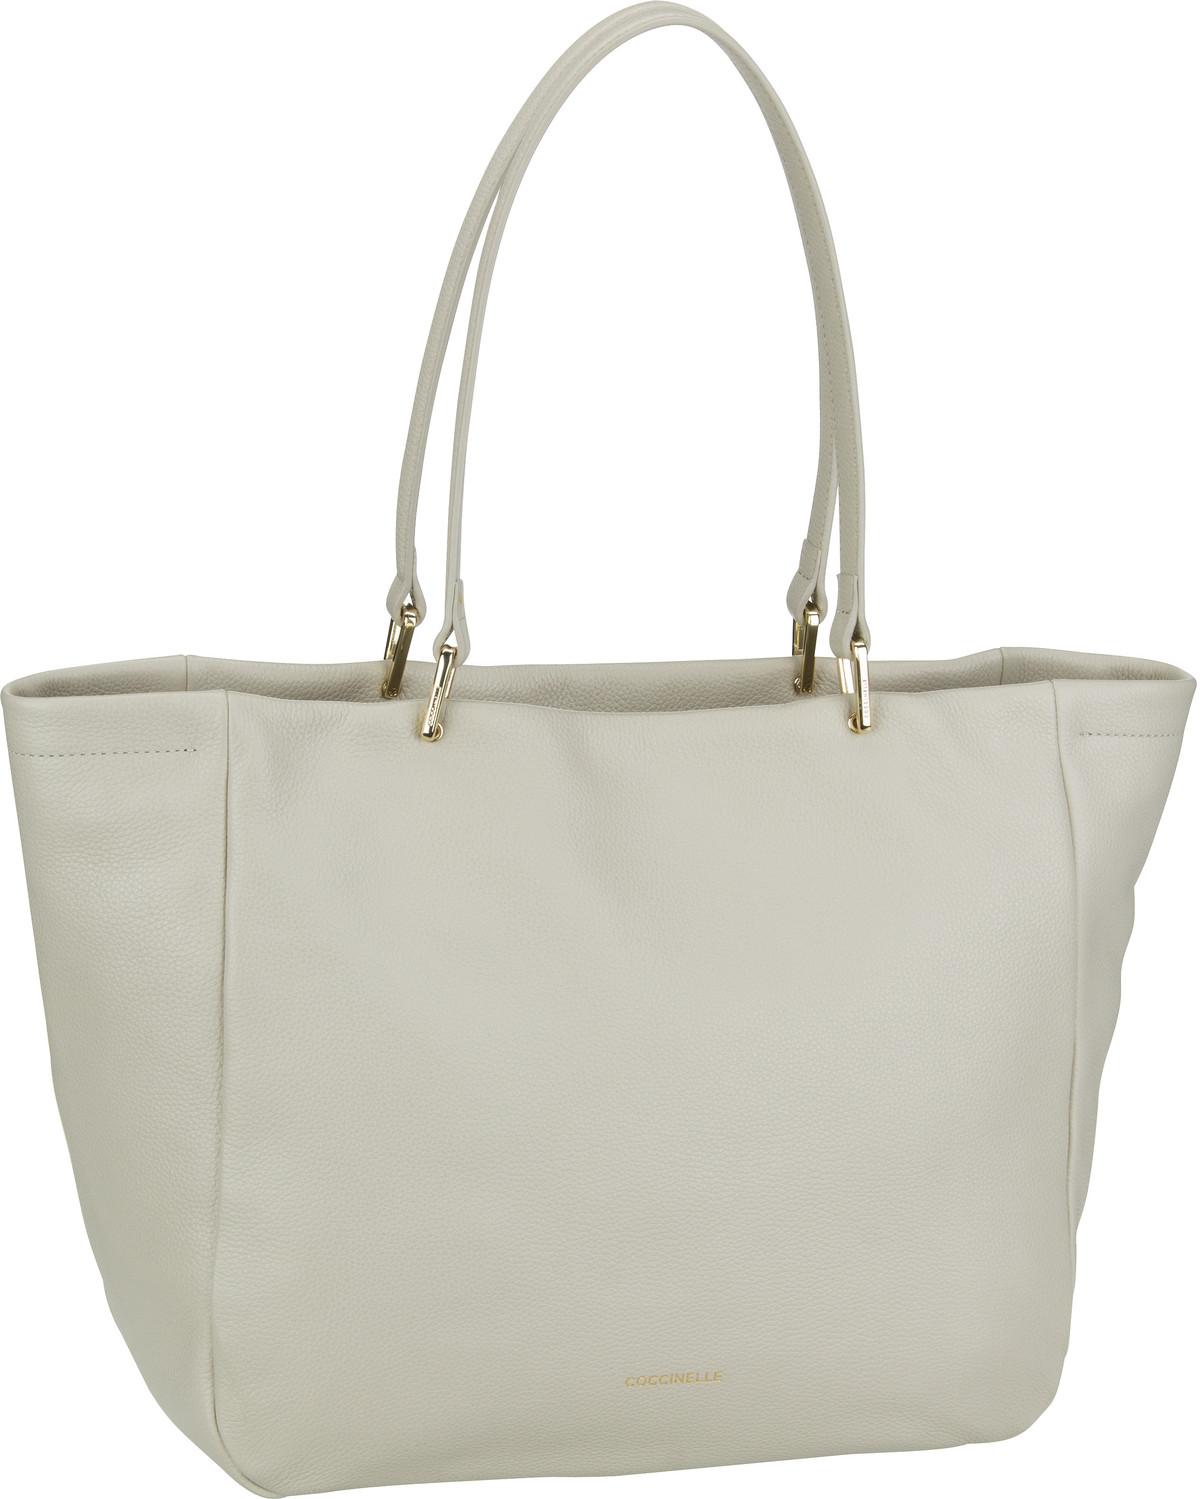 Handtasche Rendez-Vous 1102 Seashell